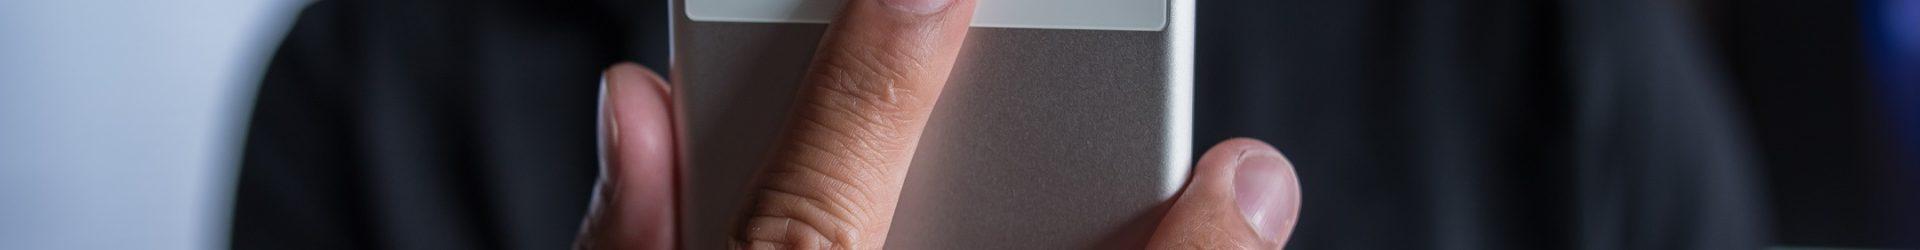 Google Pixel: le gesture del sensore d'impronte sono disponibili per tutti – (Download APK)